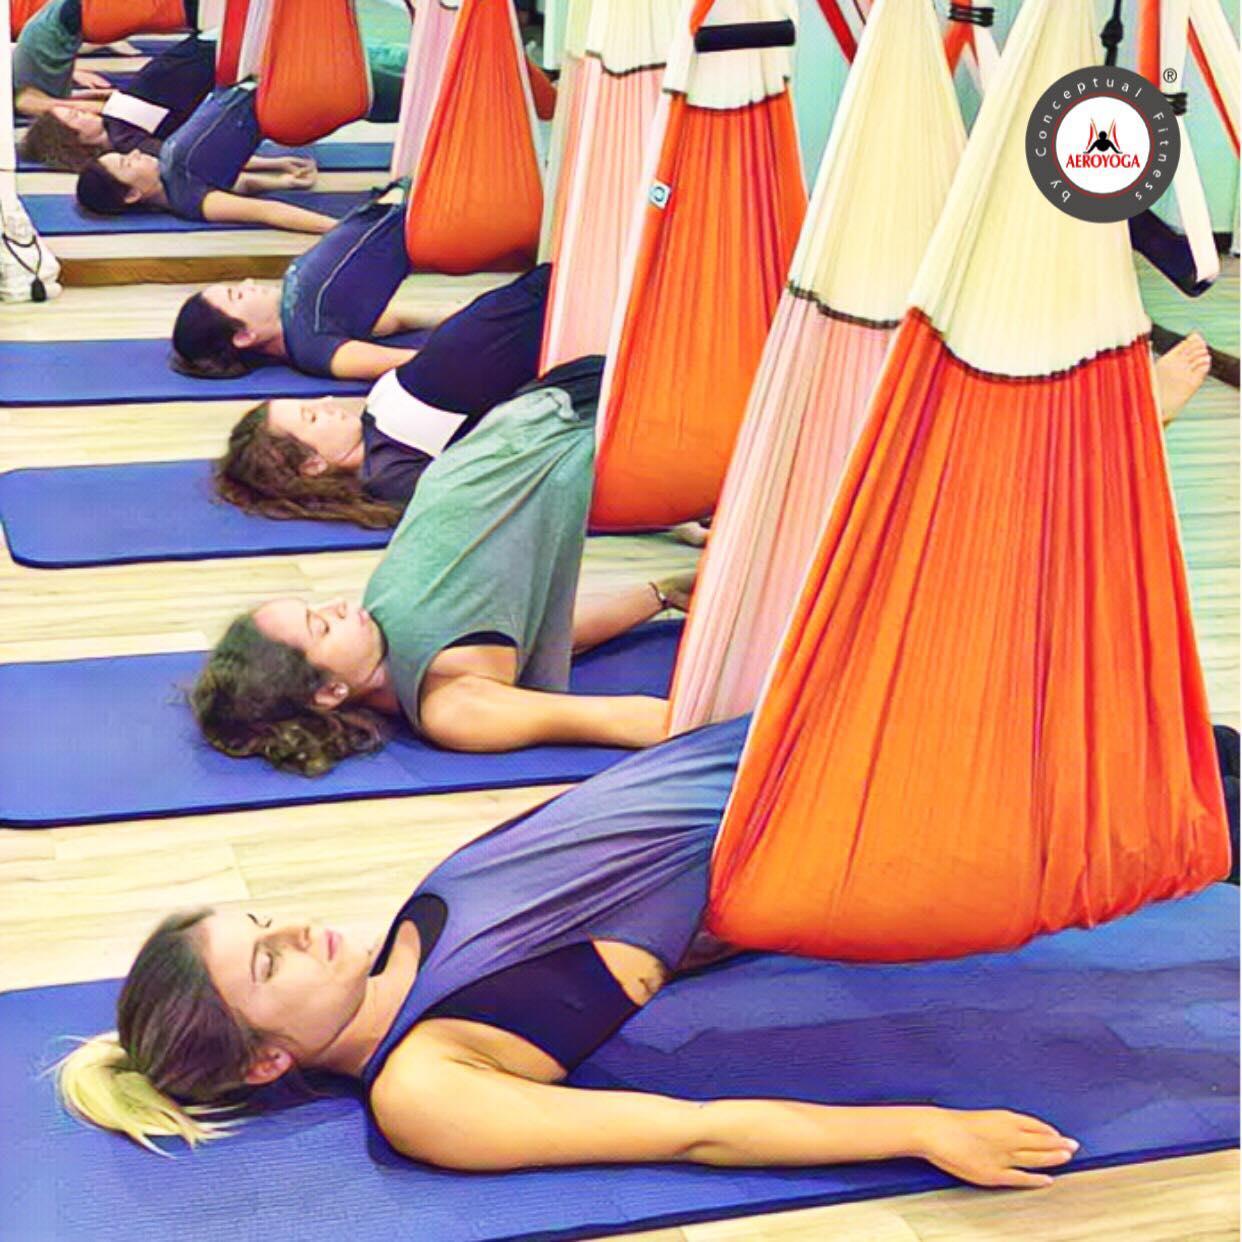 Yoga Aéreo: Ejercicio del Puente Aéreo Nivel 1 con AeroYoga ® Institute